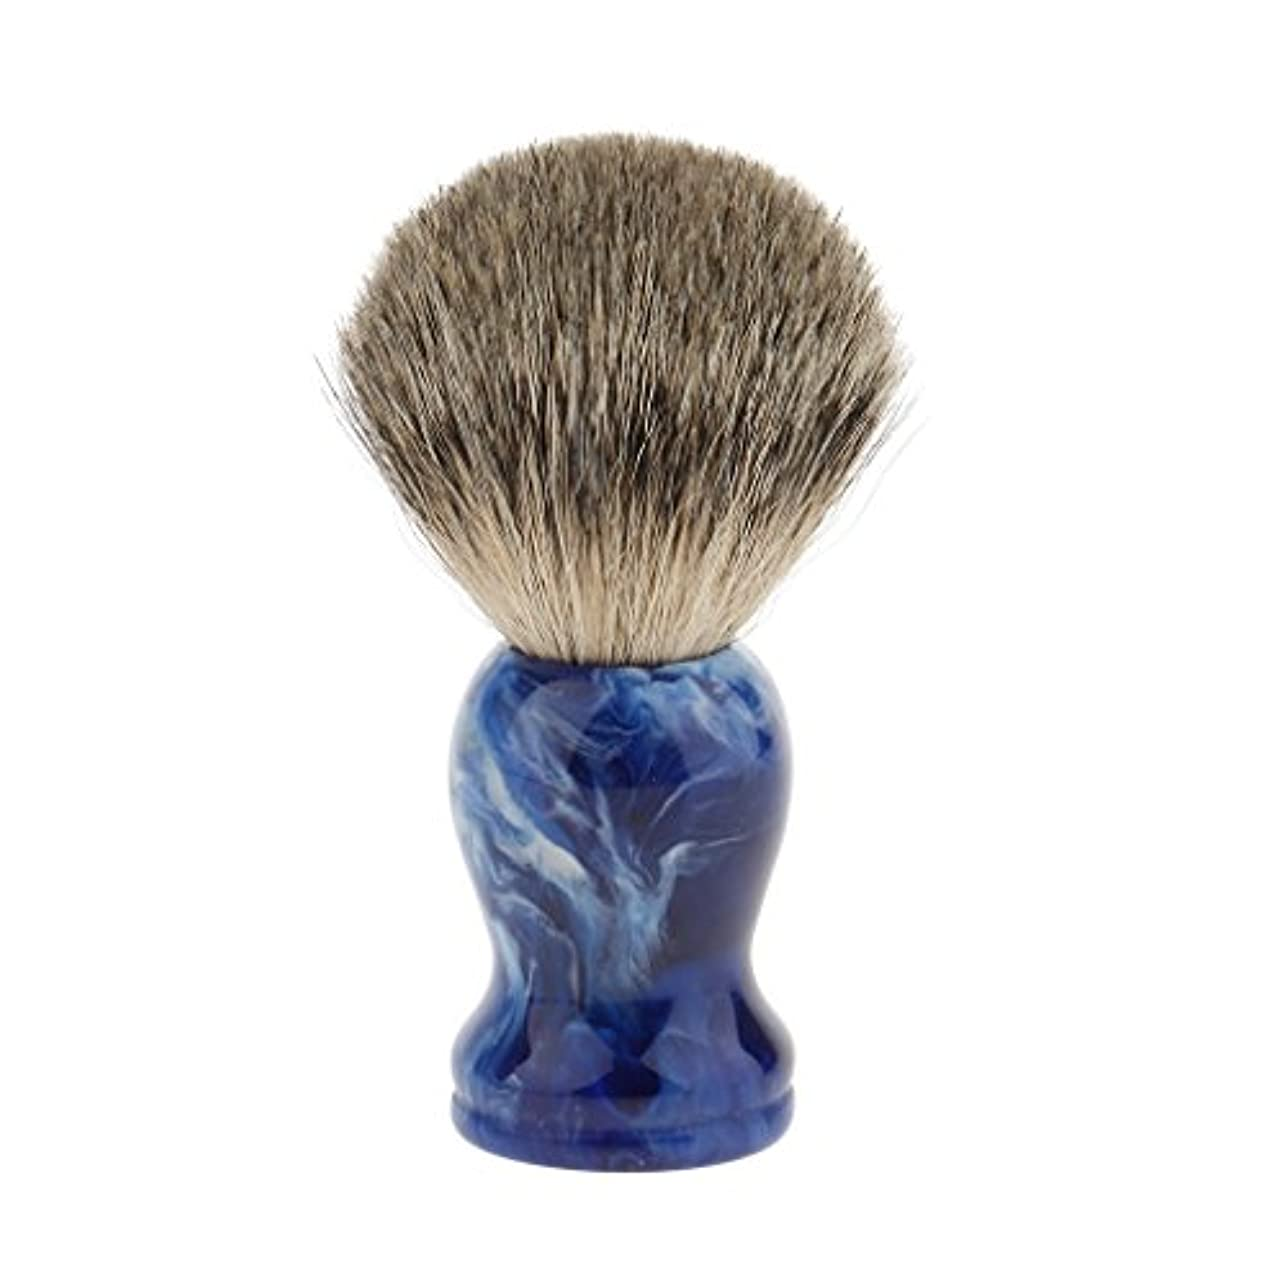 パウダー雪だるまを作る取り組むHellery シェービングブラシ 理髪師 ひげ クリーニングツール プロ サロン 家庭 個人用